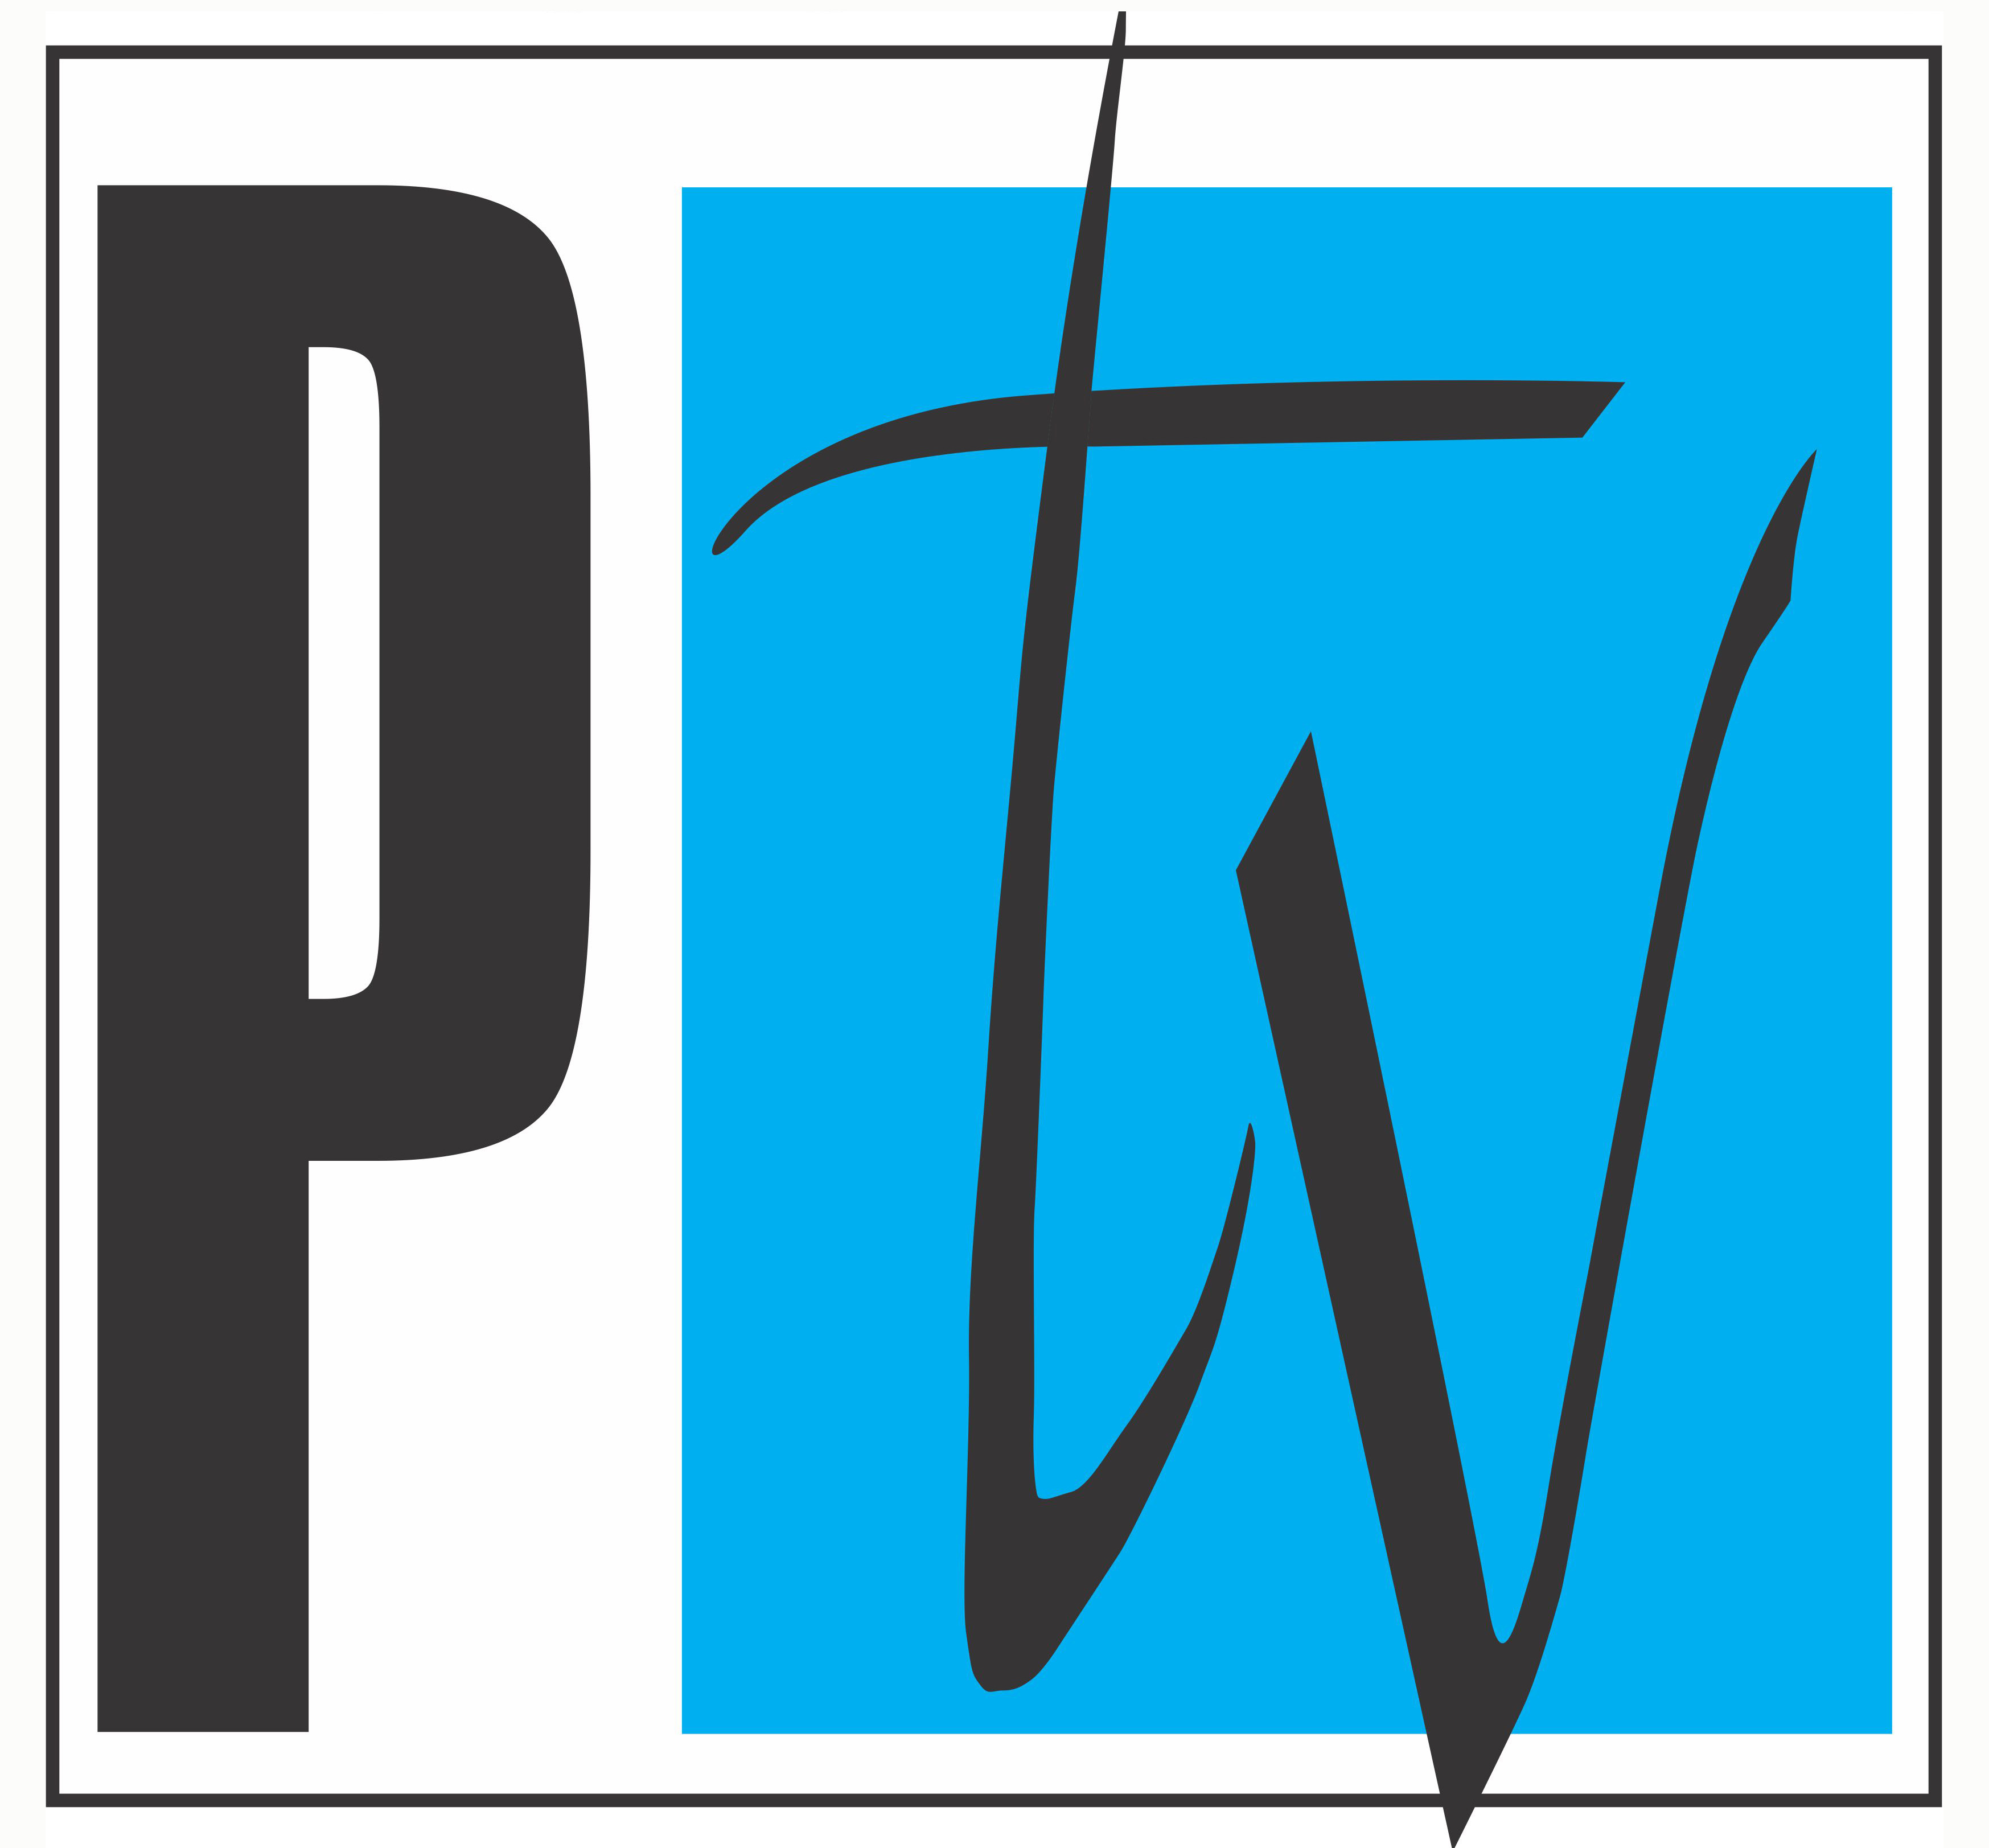 Portfólio TV